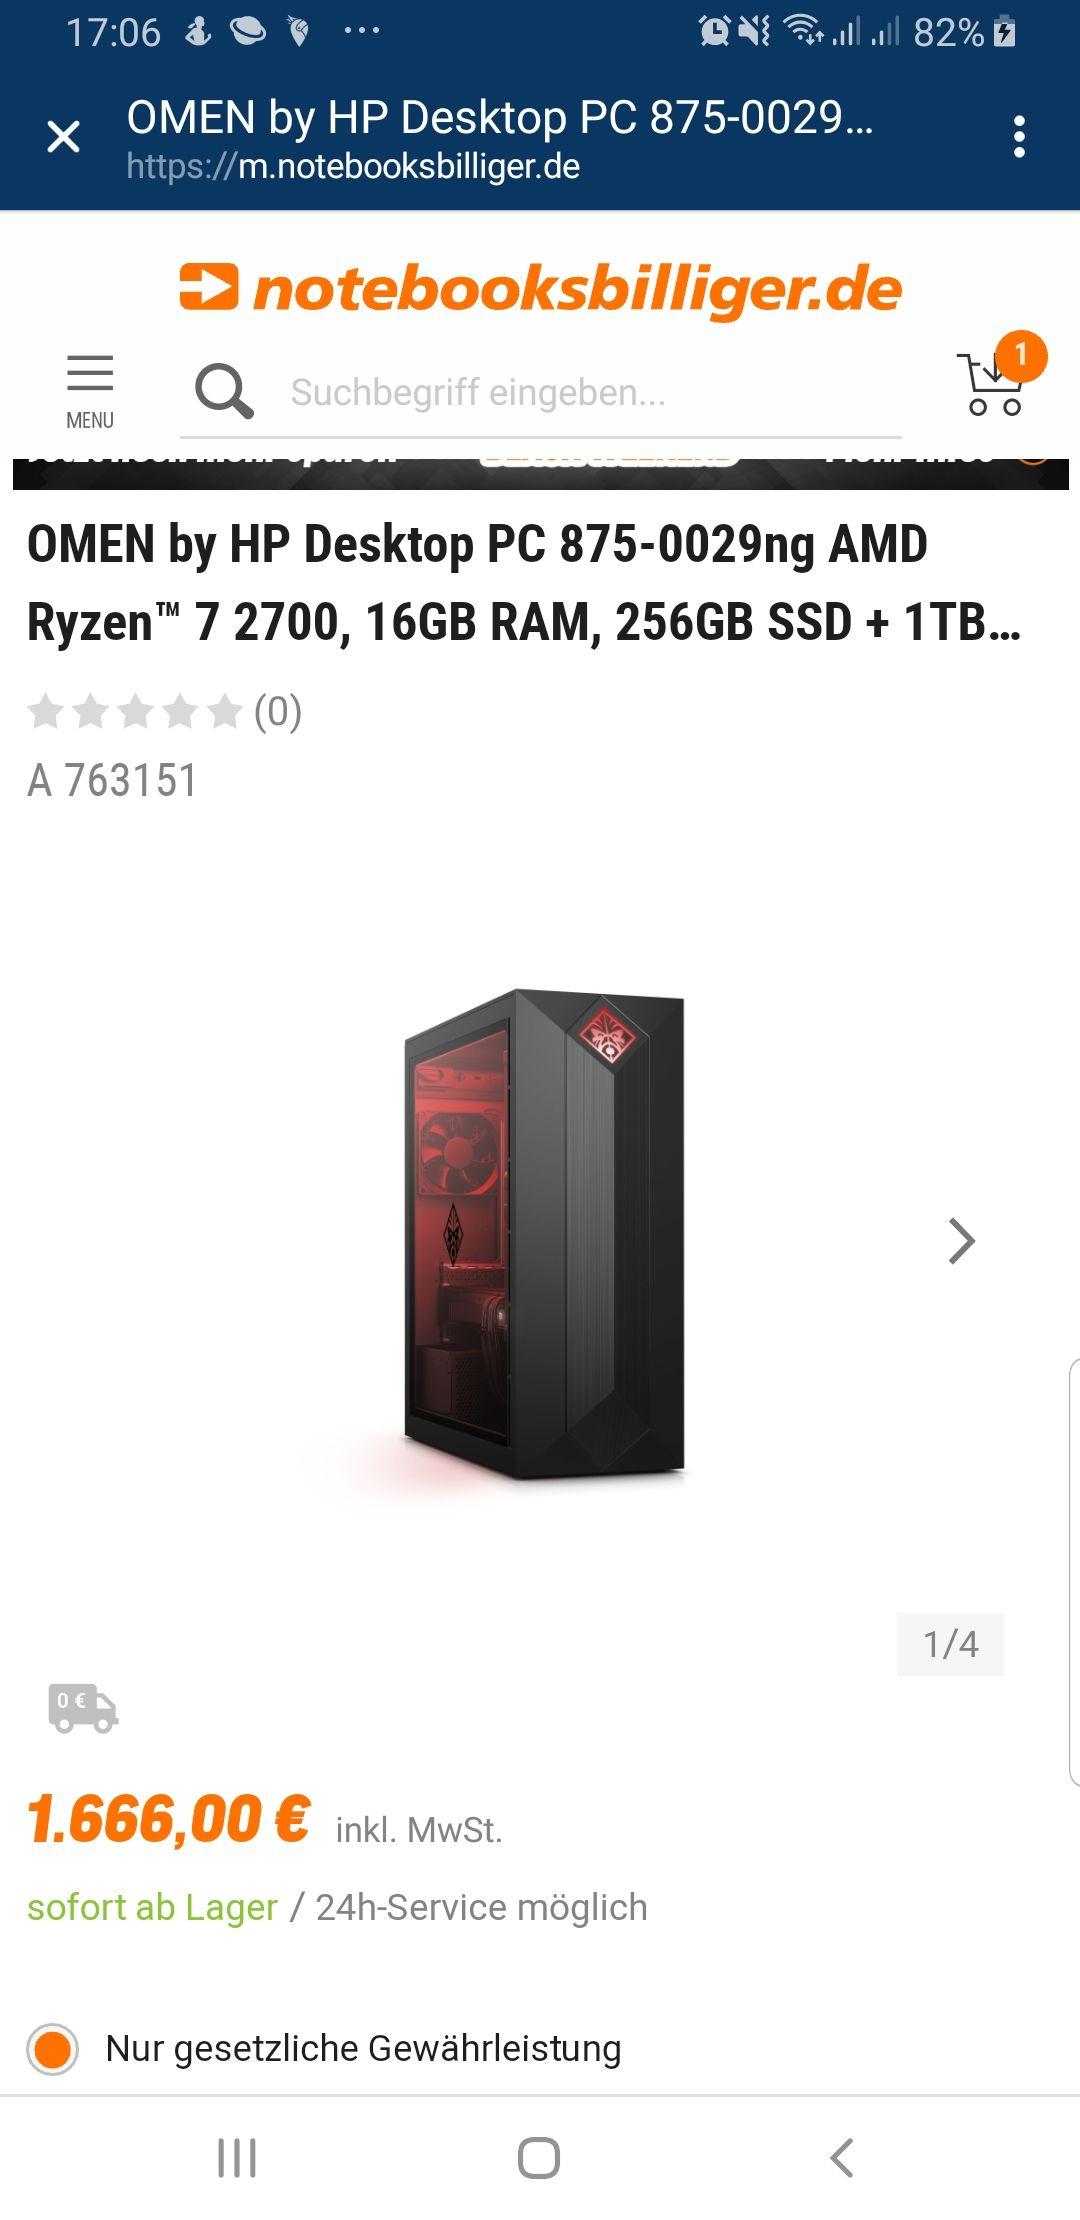 [Gaming Pc] Ryzen™ 7 2700, 16GB RAM, 256GB SSD + 1TB HDD, NVIDIA RTX 2070, Win10